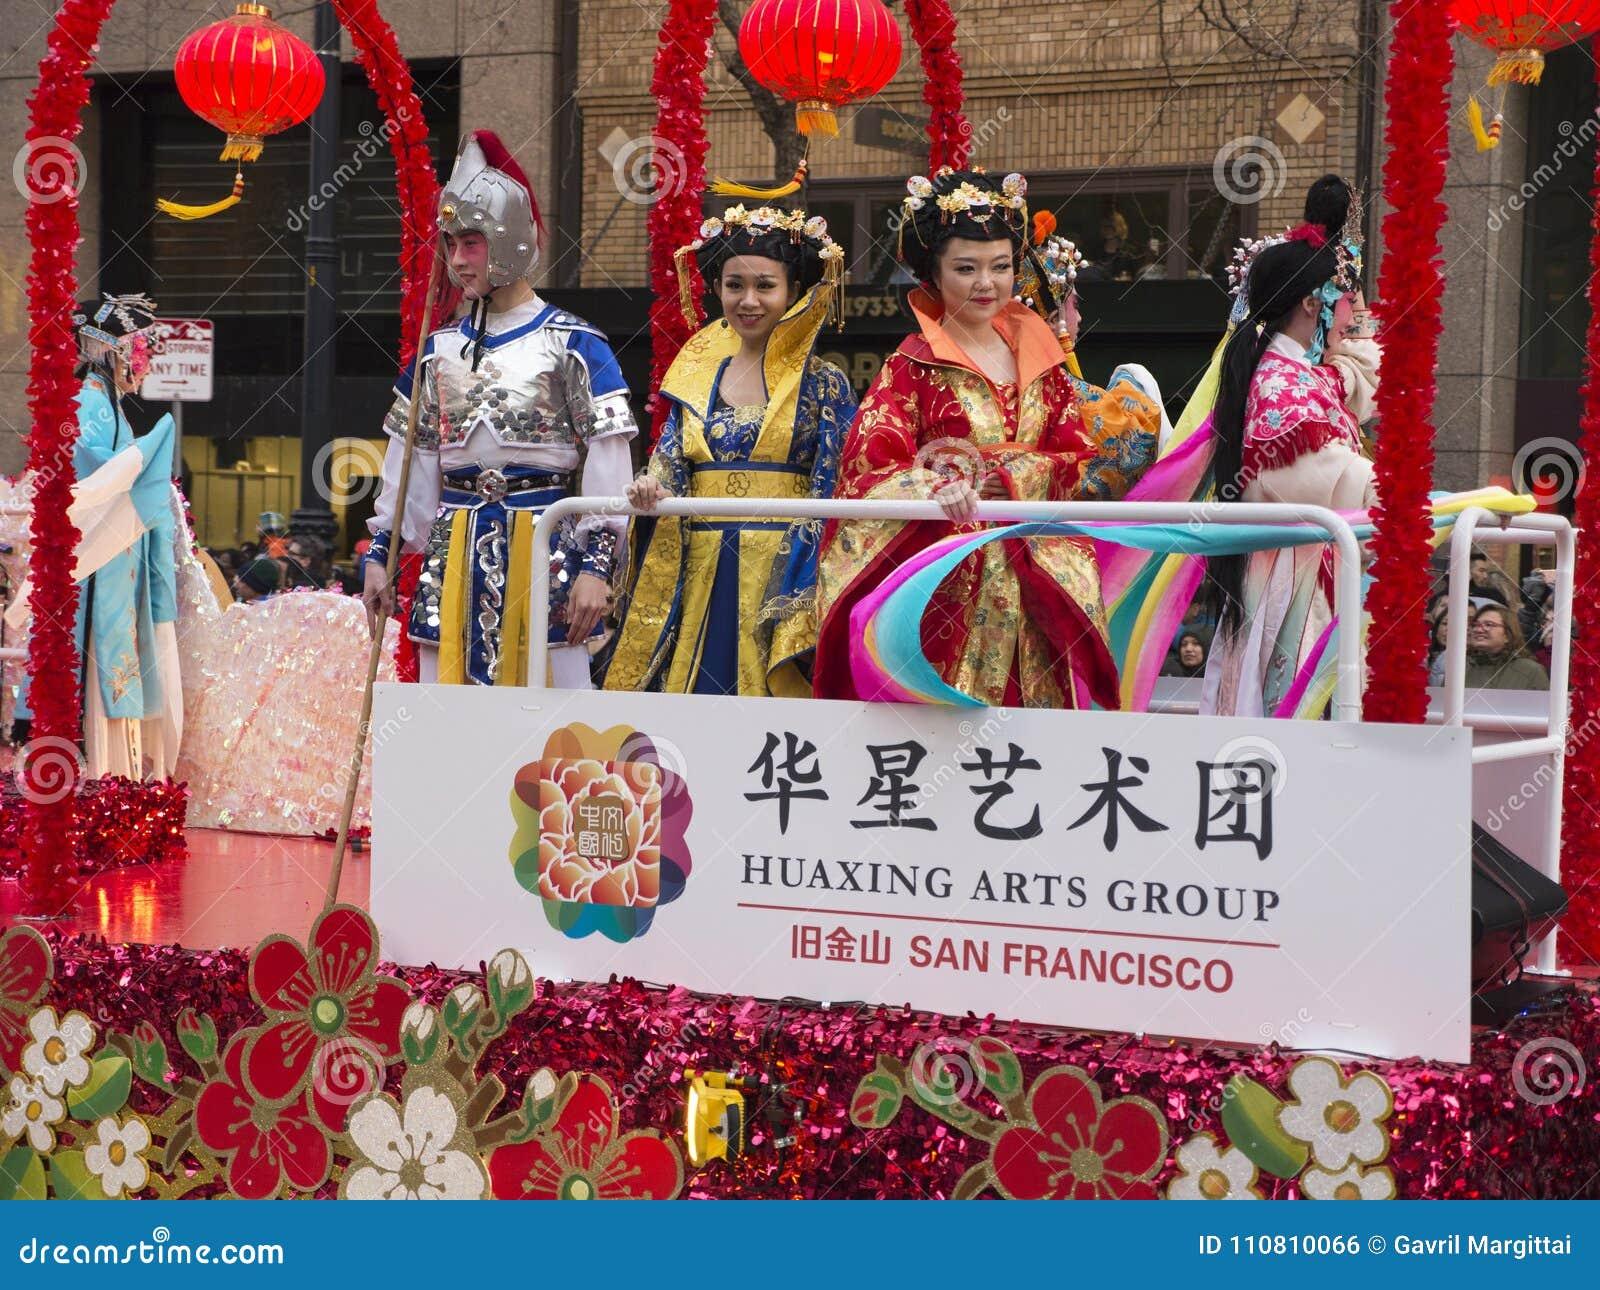 Το ζωηρόχρωμο επιπλέον σώμα στα κινέζικα παρελαύνει το 2018 Σαν Φρανσίσκο